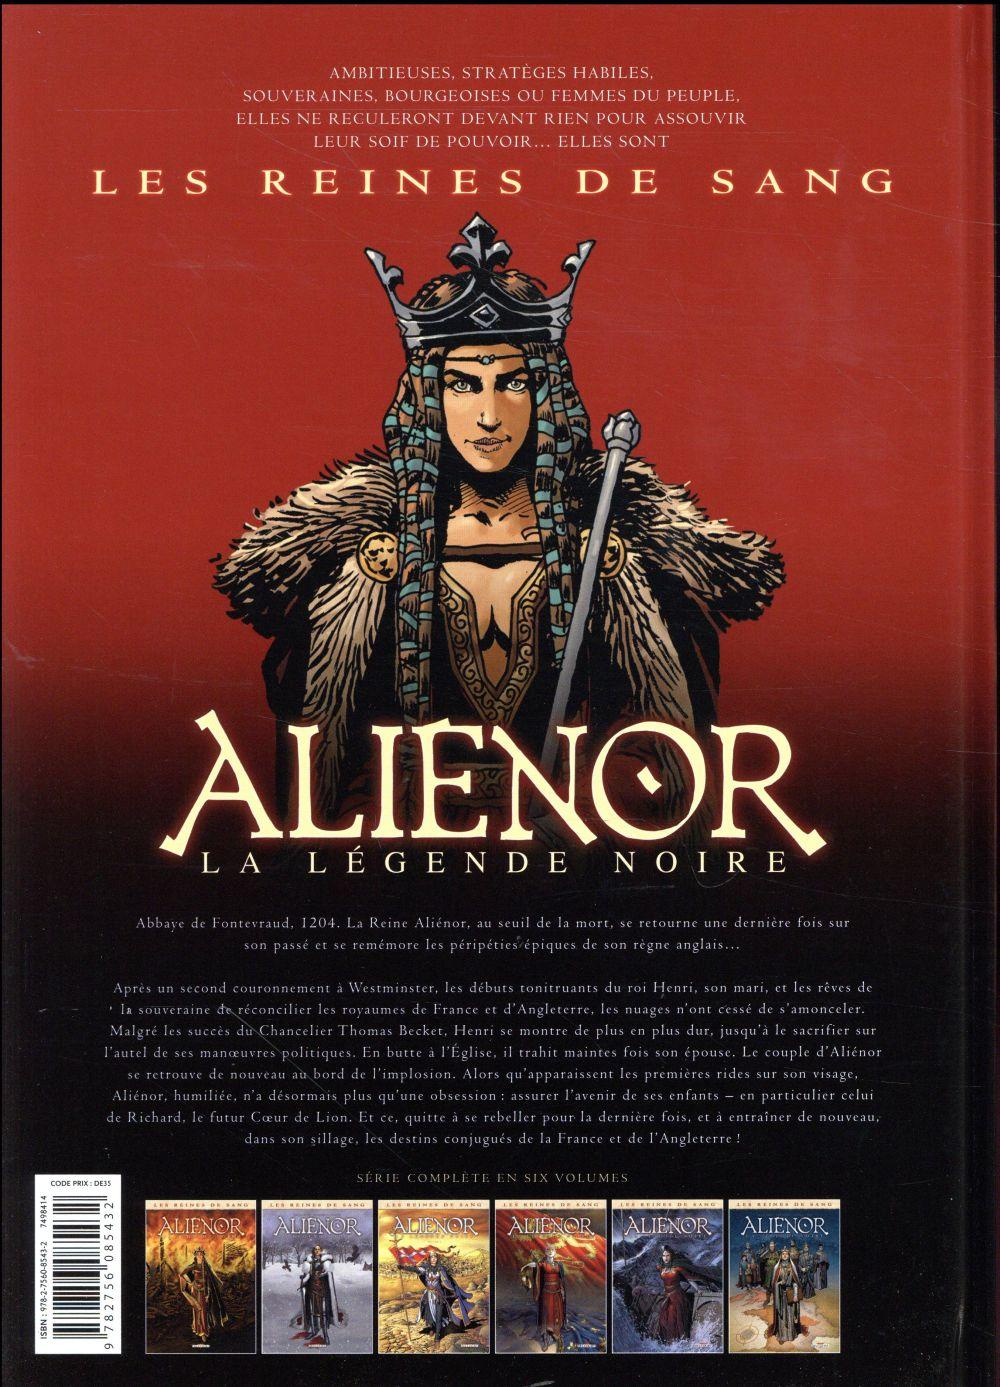 Les reines de sang - Aliénor, la légende noire T.6